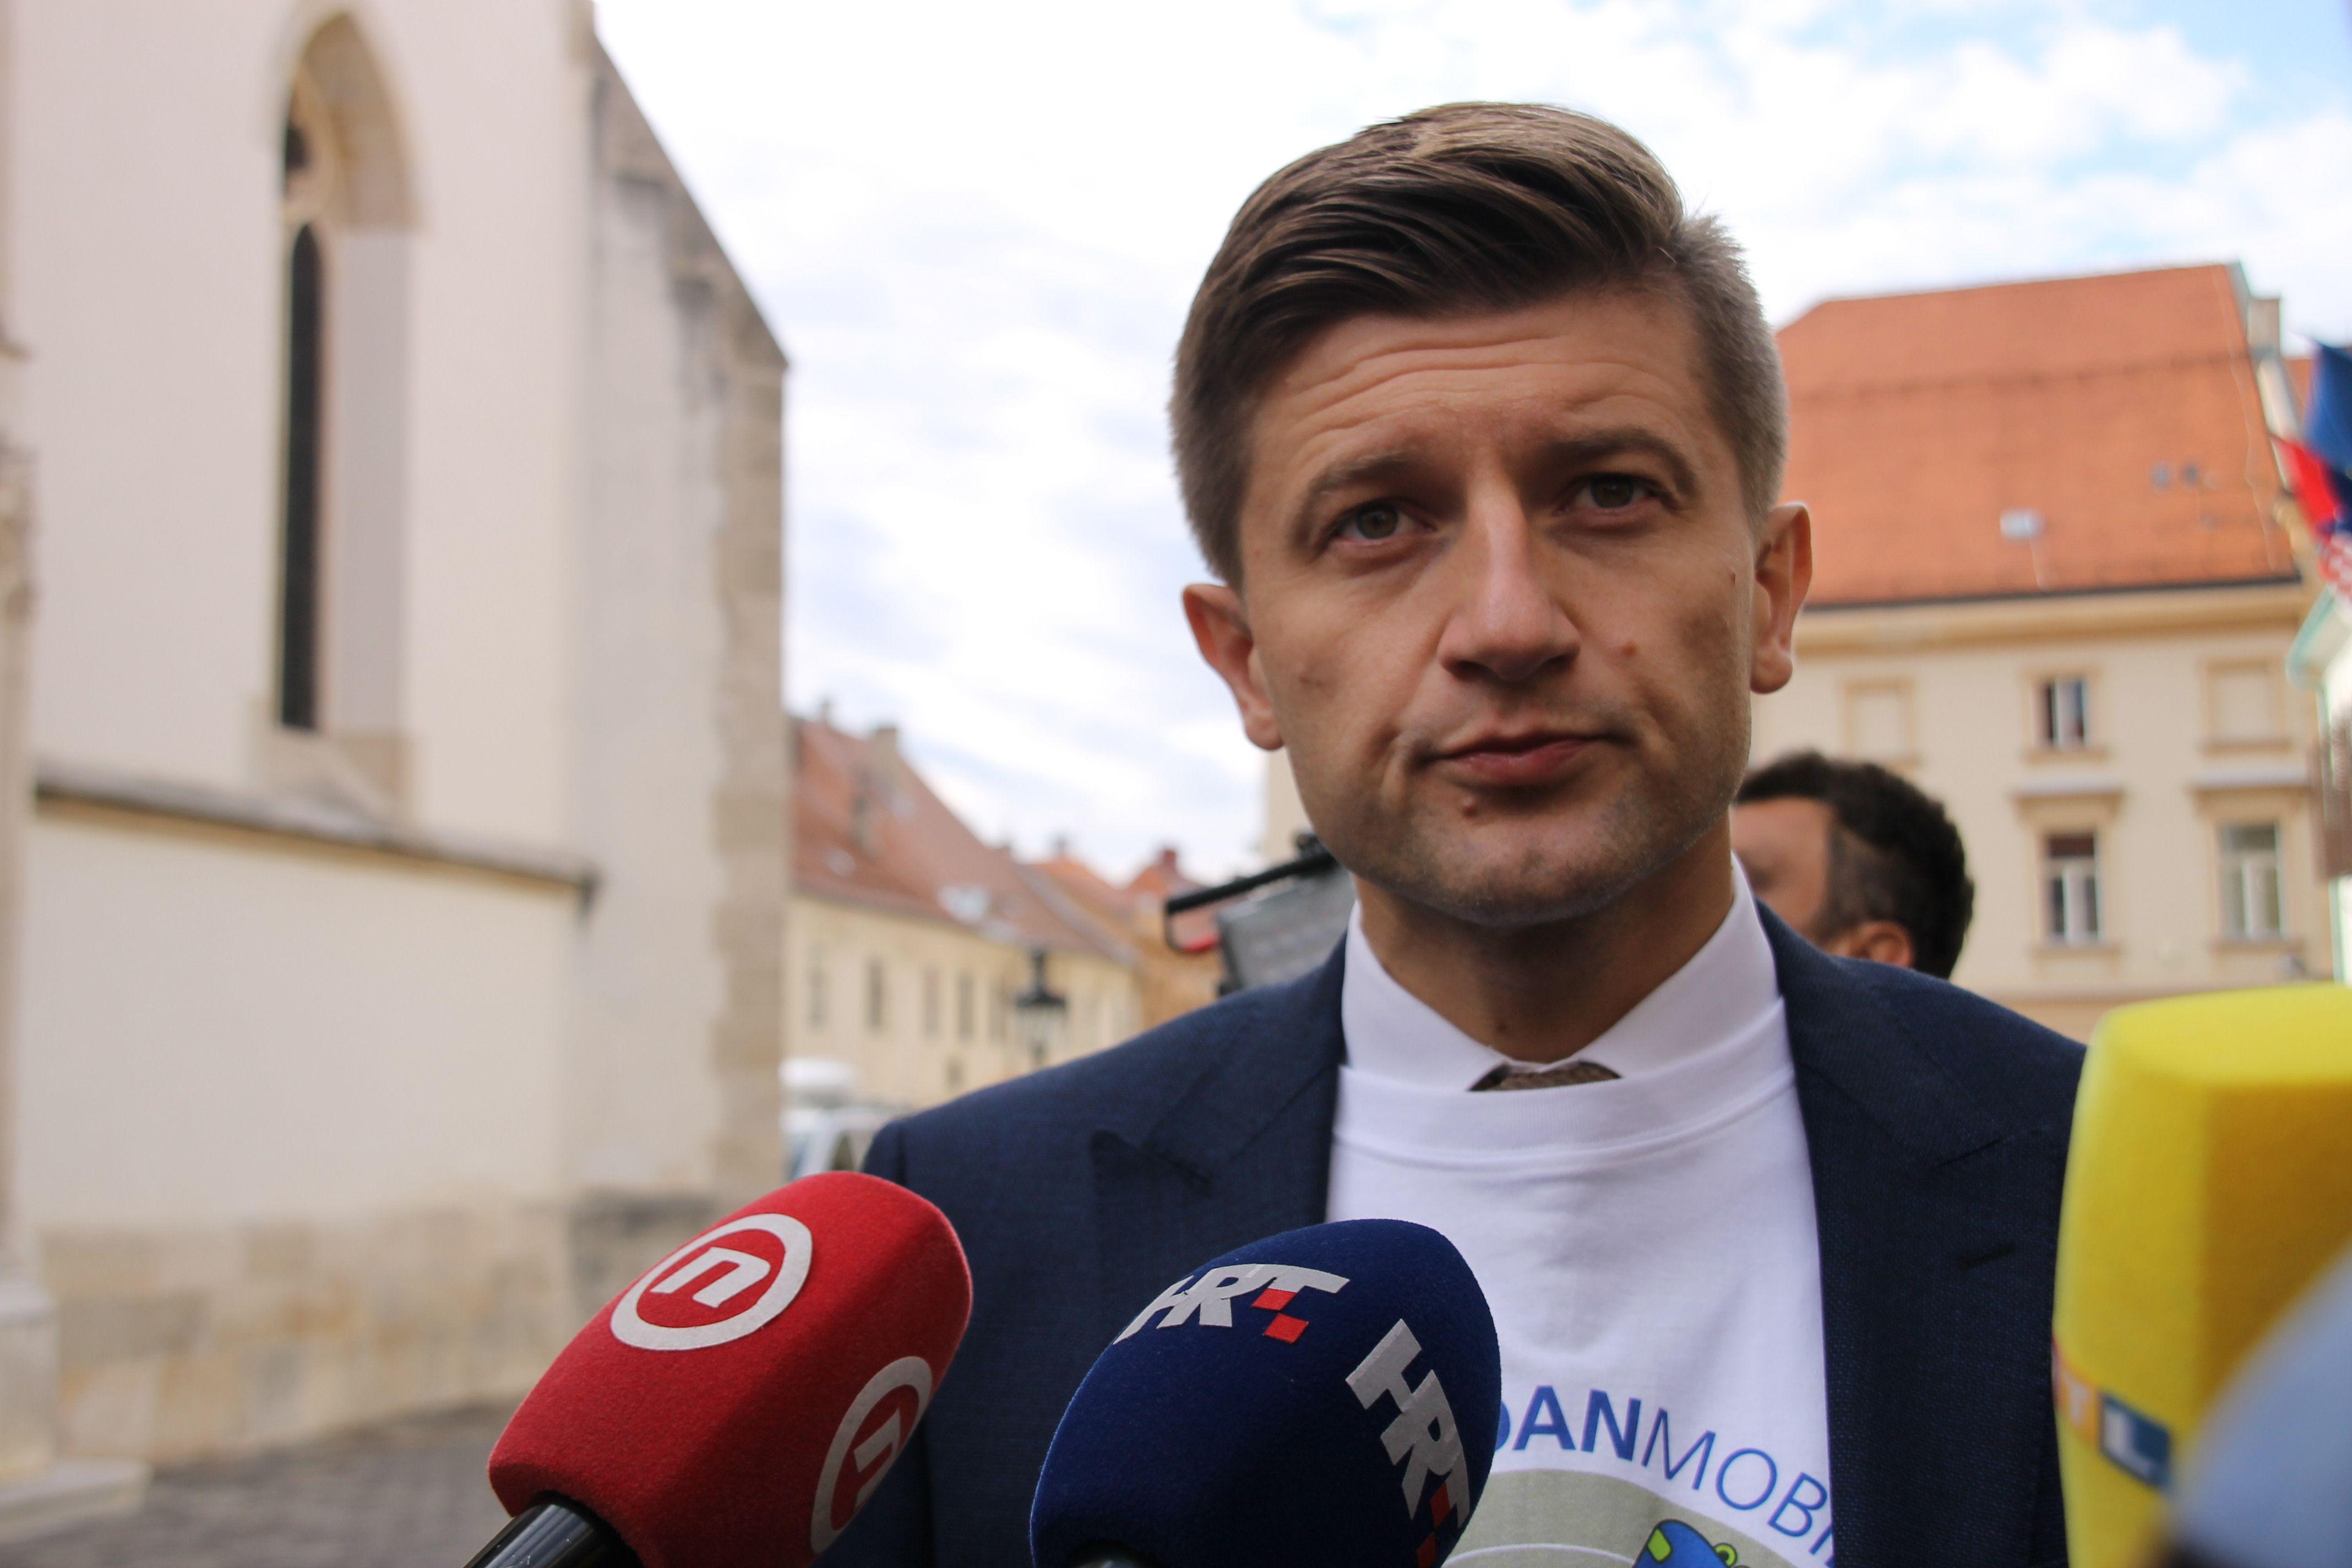 """Marić: Isplata mirovina je sigurna, prihvaćanje zahtjeva inicijative """"67 je previše"""" neće ugroziti javne financije"""